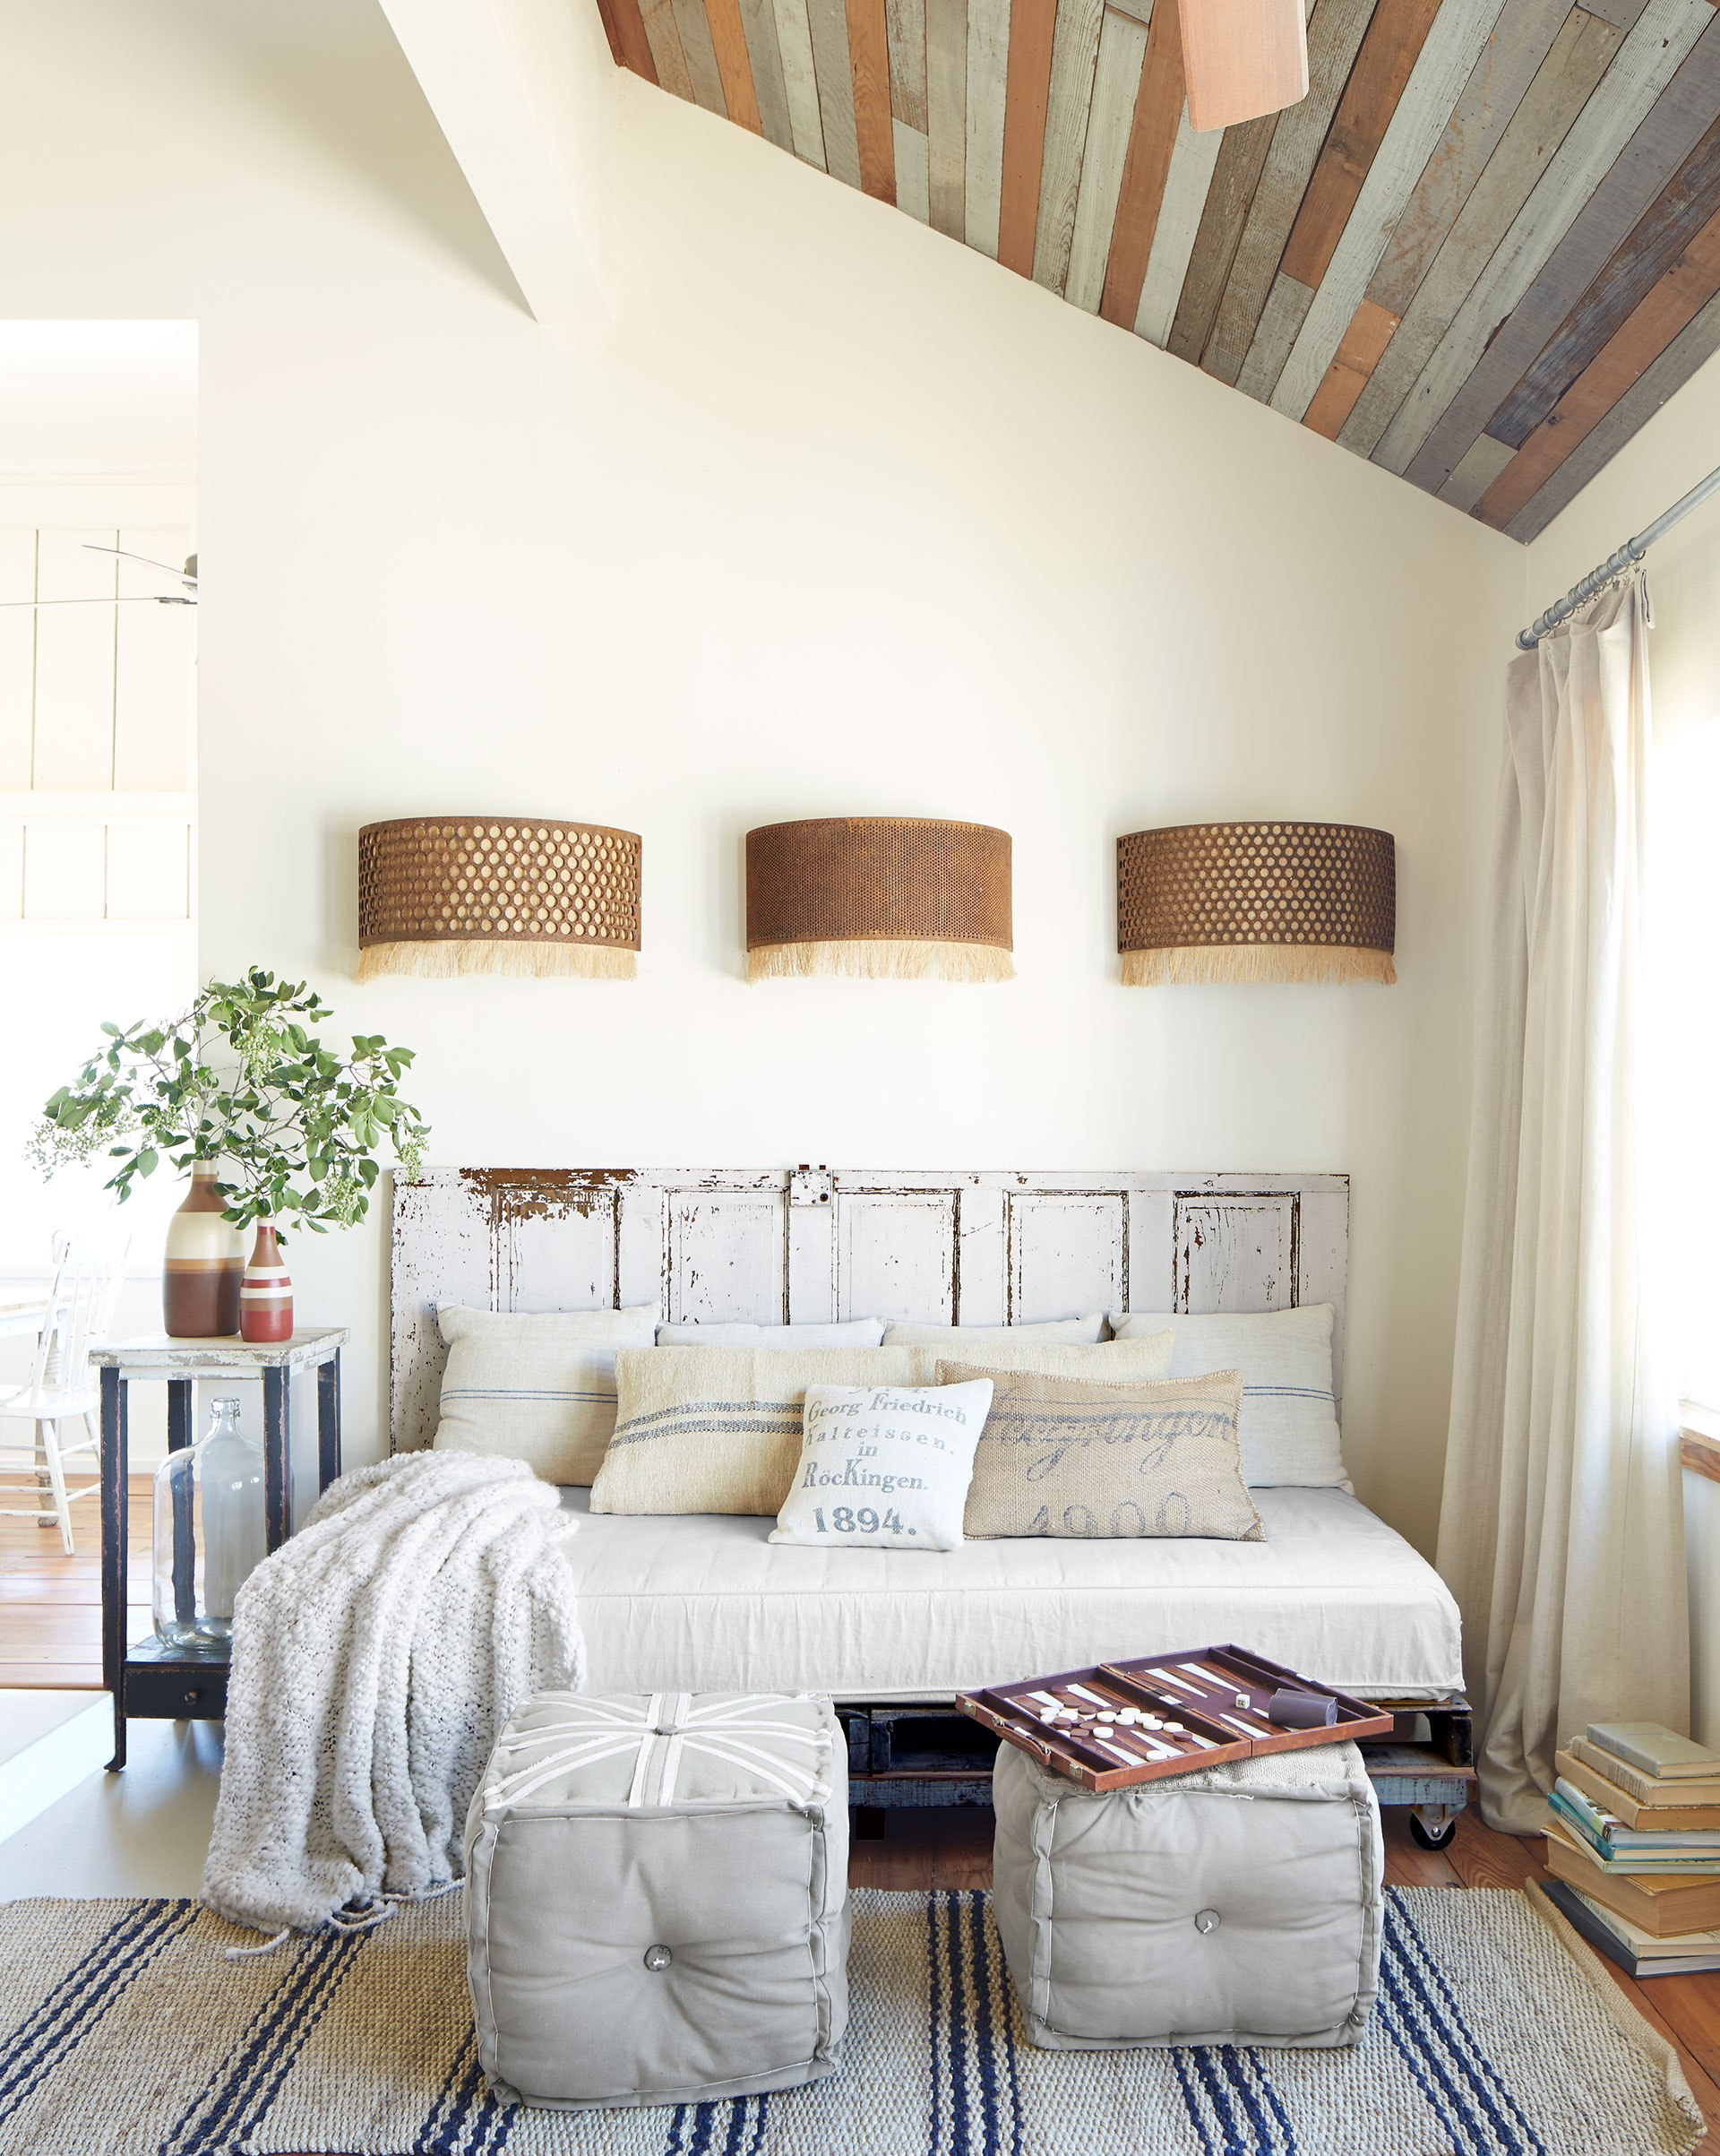 صورة ديكورات جبس غرف نوم , اسقف جبس بورد لغرف النوم